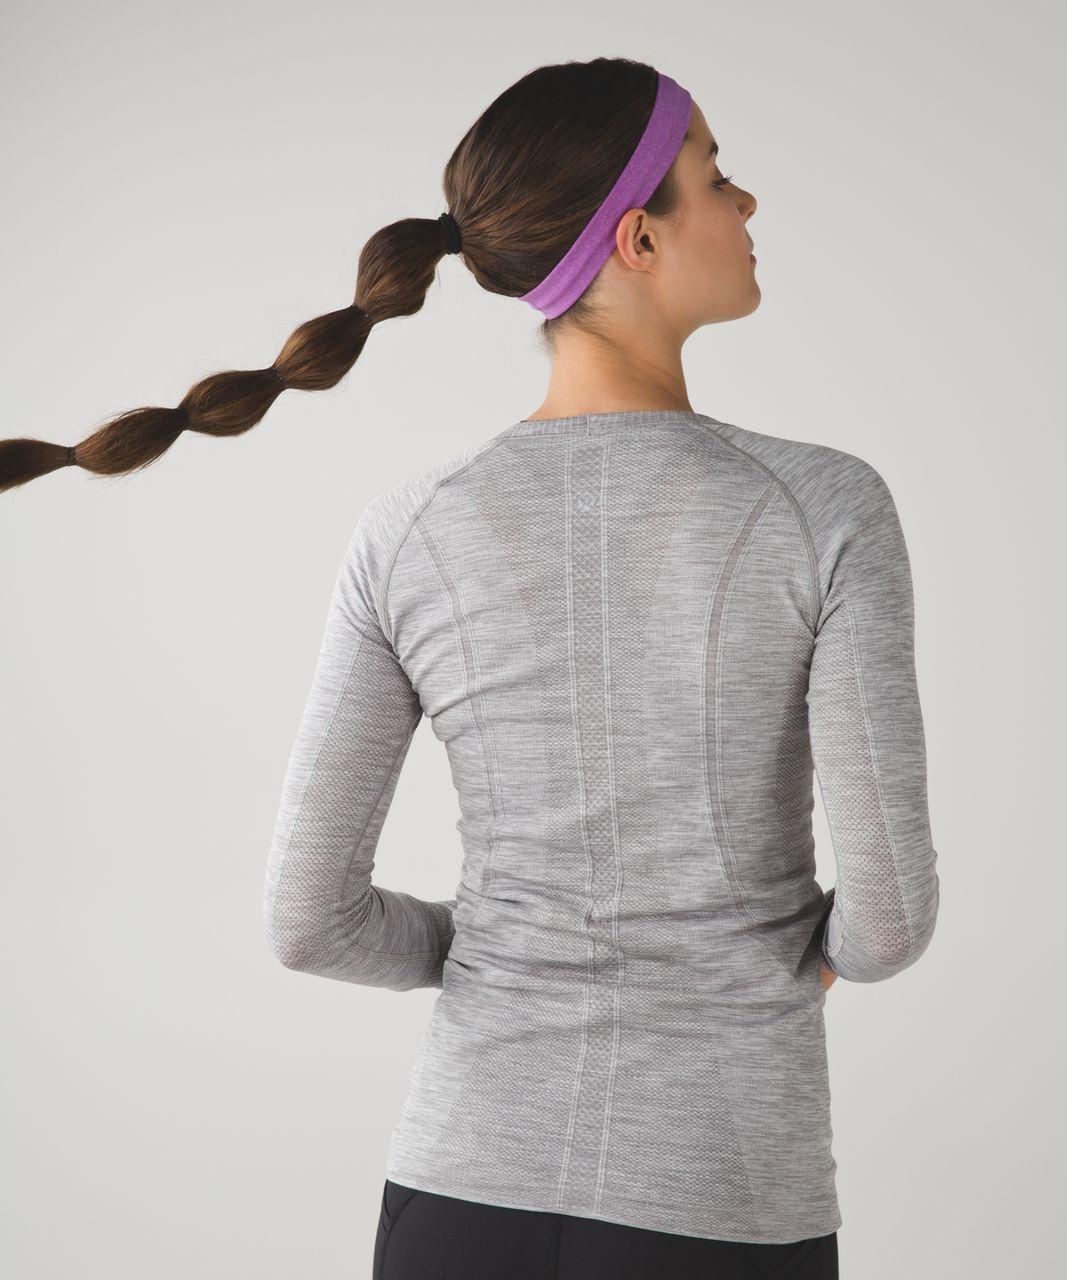 Lululemon Cardio Cross Trainer Headband - Heathered Tender Violet